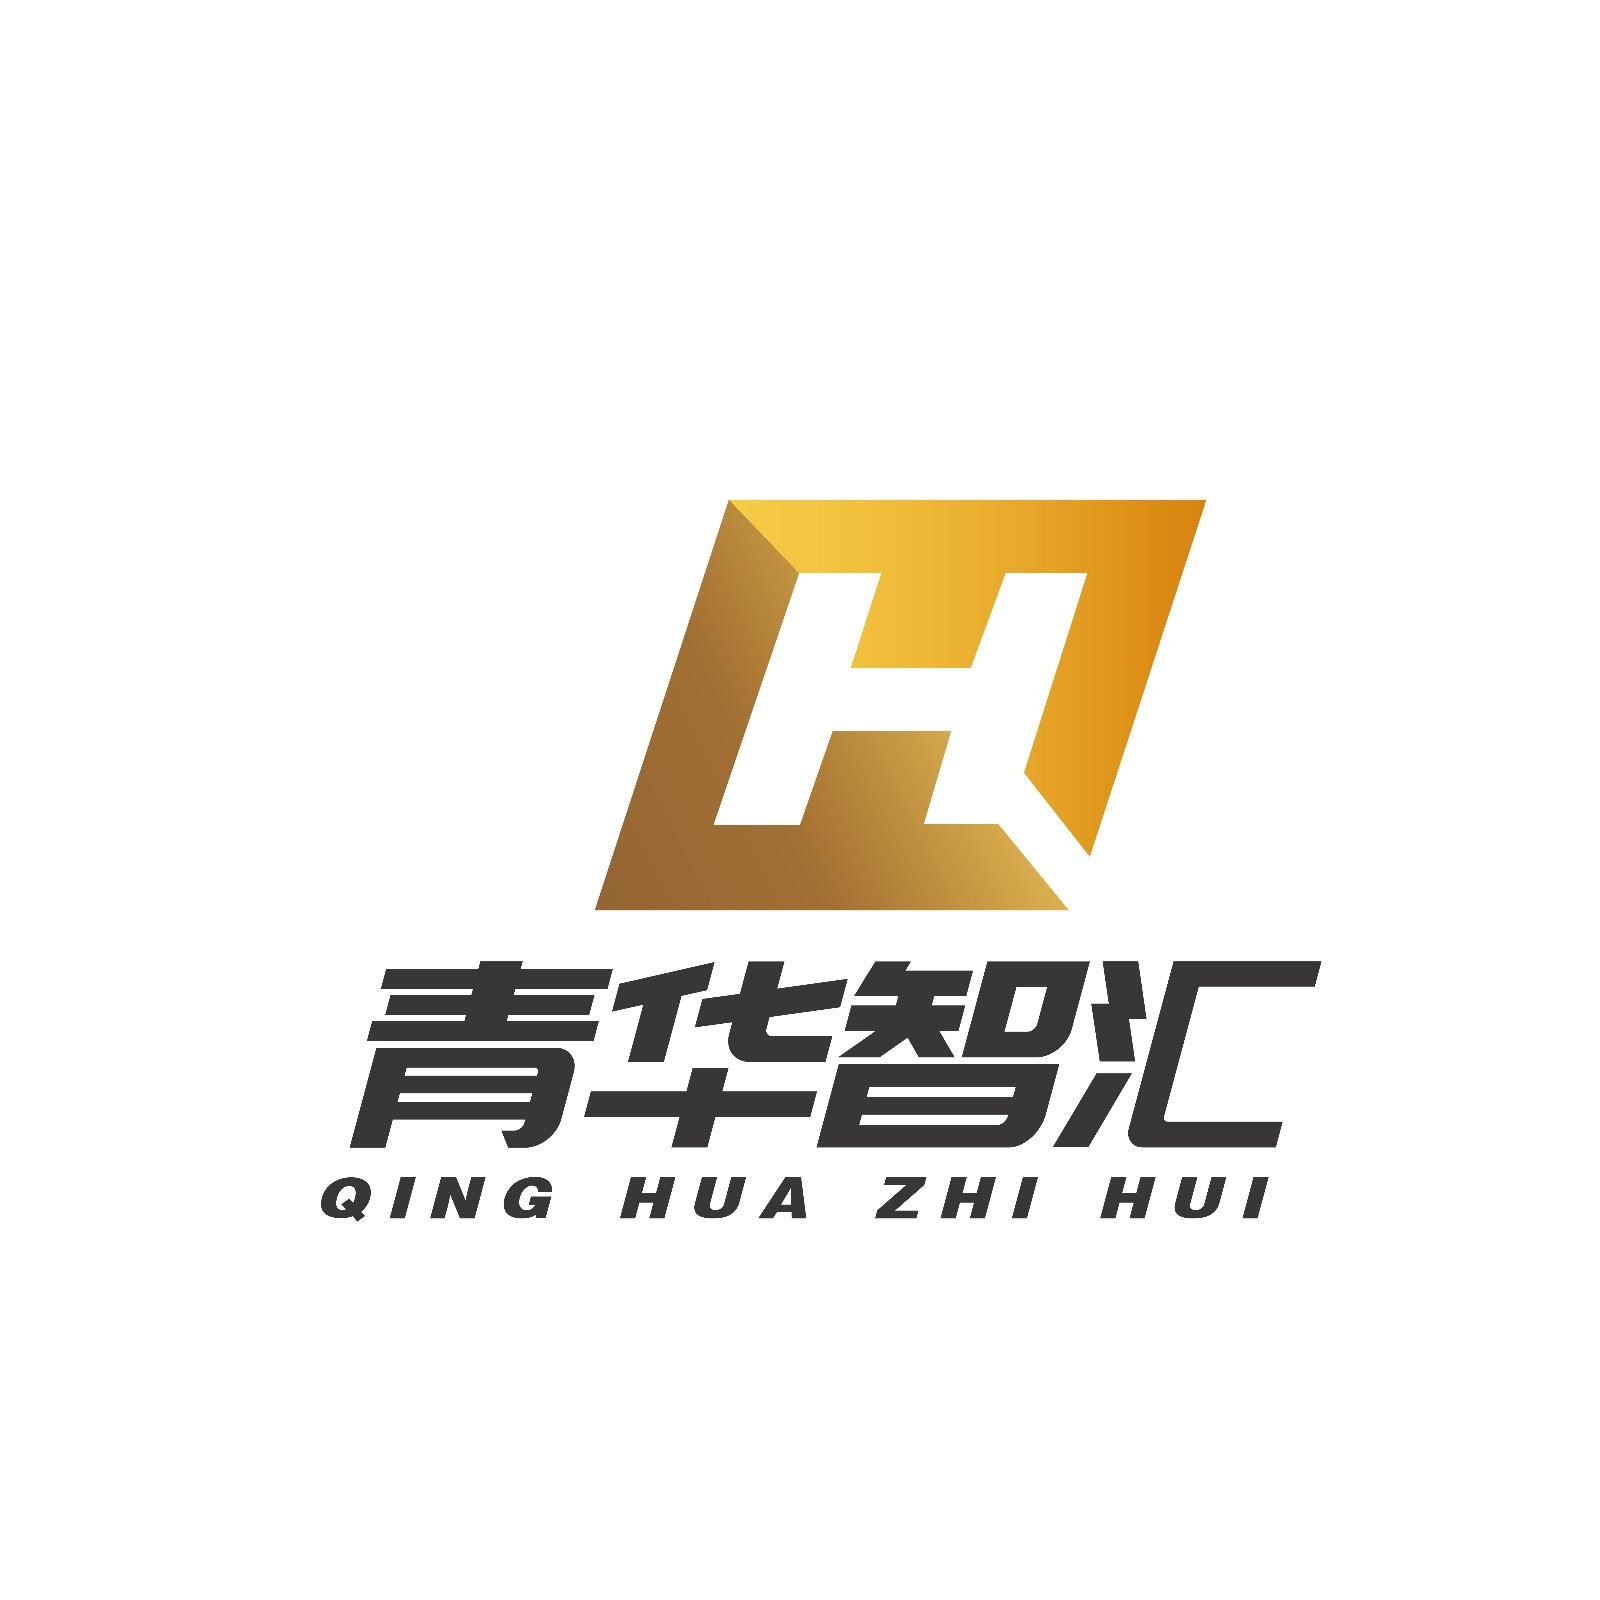 中山市青华智汇知识产权服务有限公司